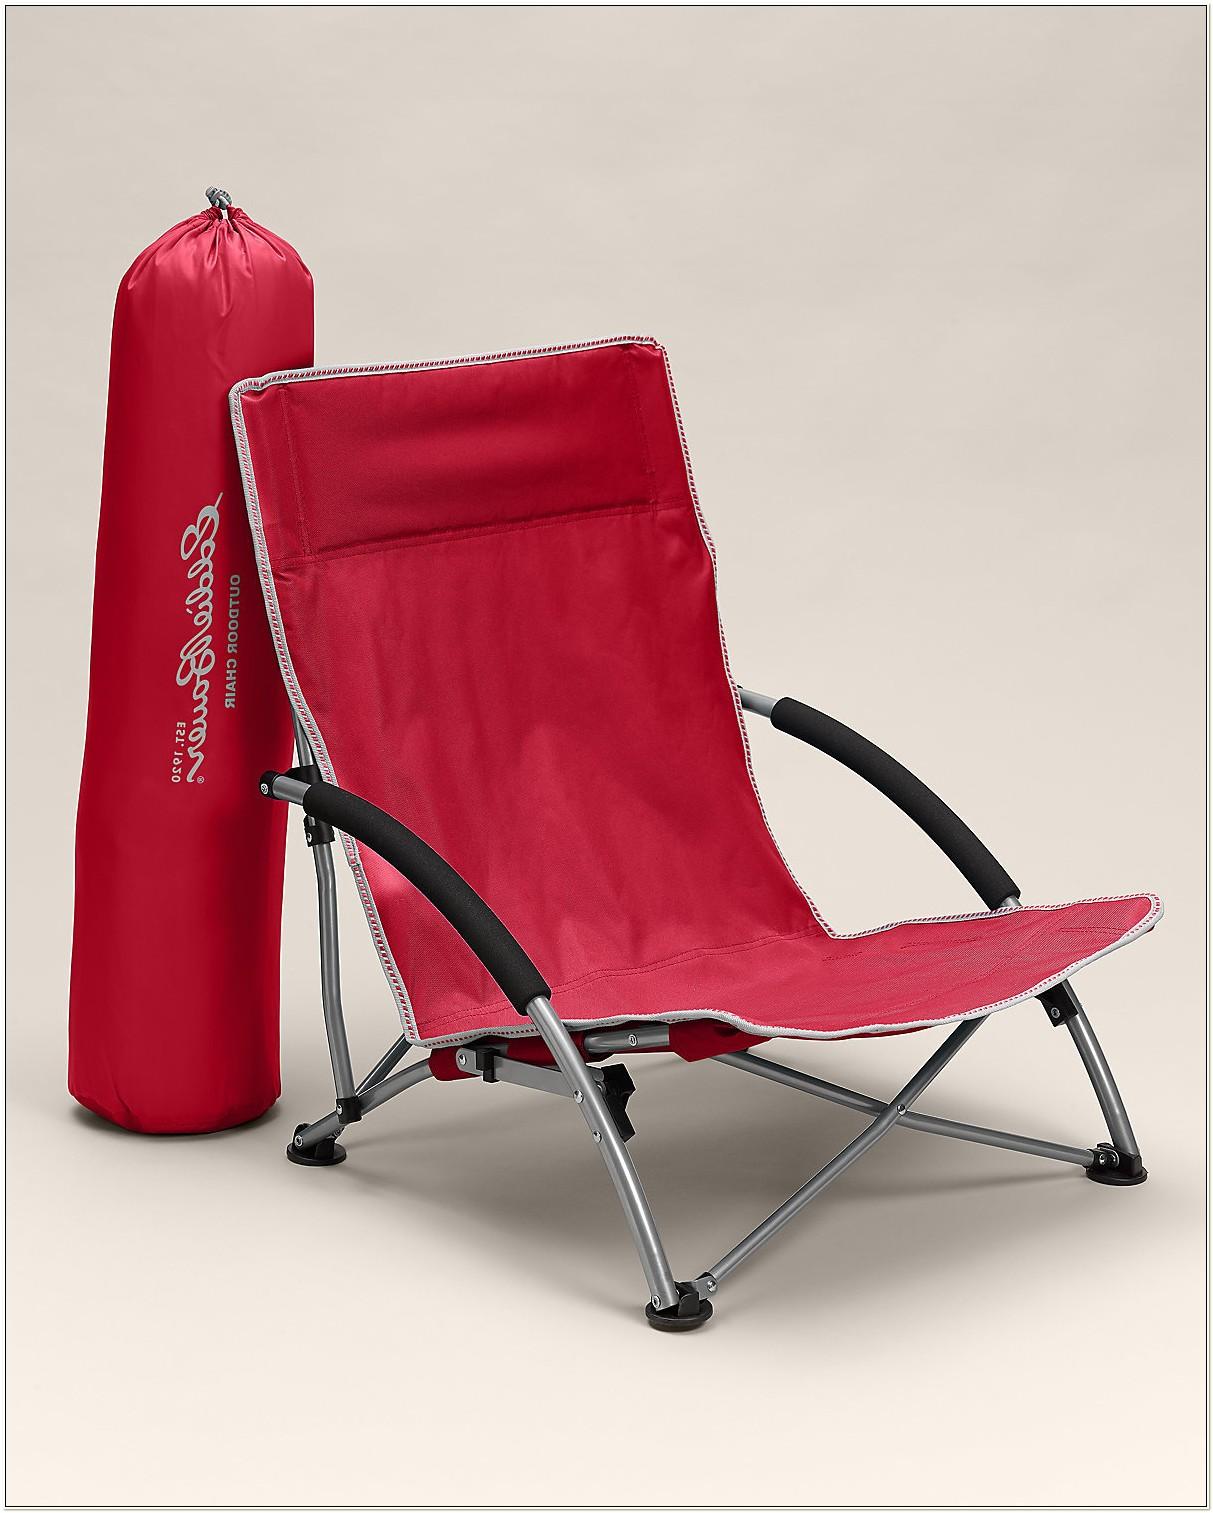 Eddie Bauer Folding Beach Chair